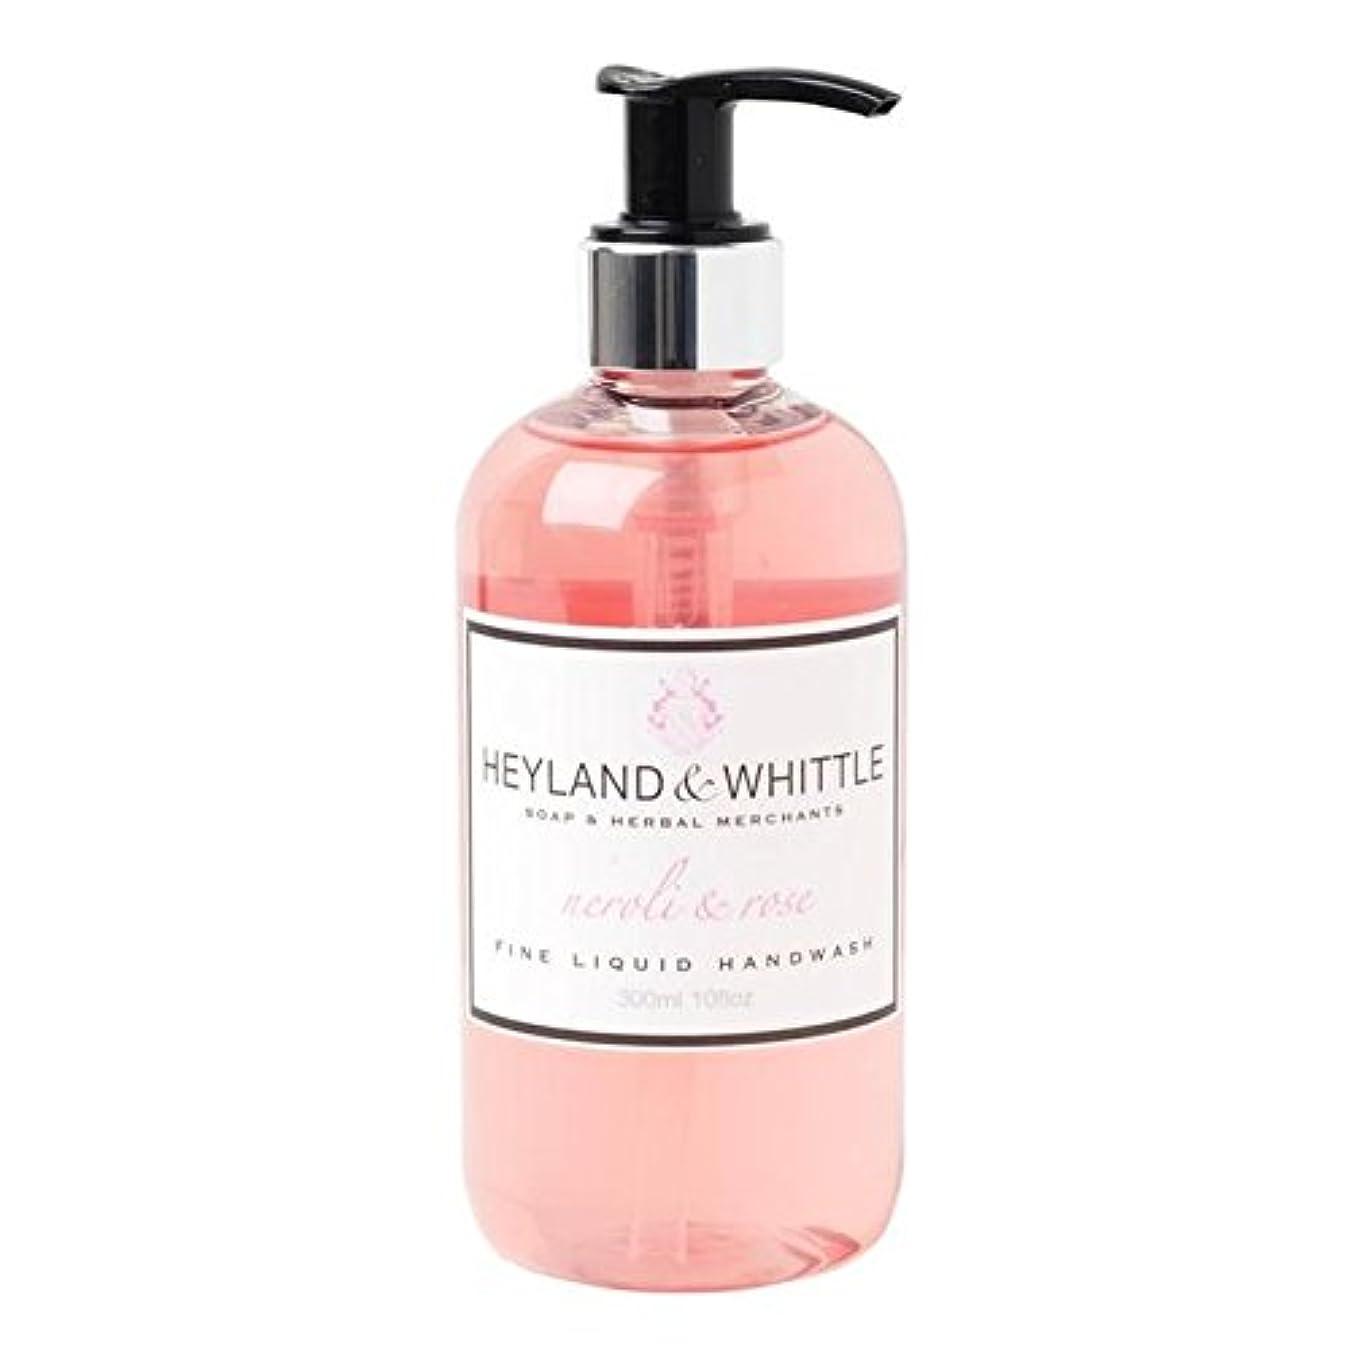 どこコンパニオンバイソン&削るネロリ&手洗いの300ミリリットルをバラ x2 - Heyland & Whittle Neroli & Rose Handwash 300ml (Pack of 2) [並行輸入品]